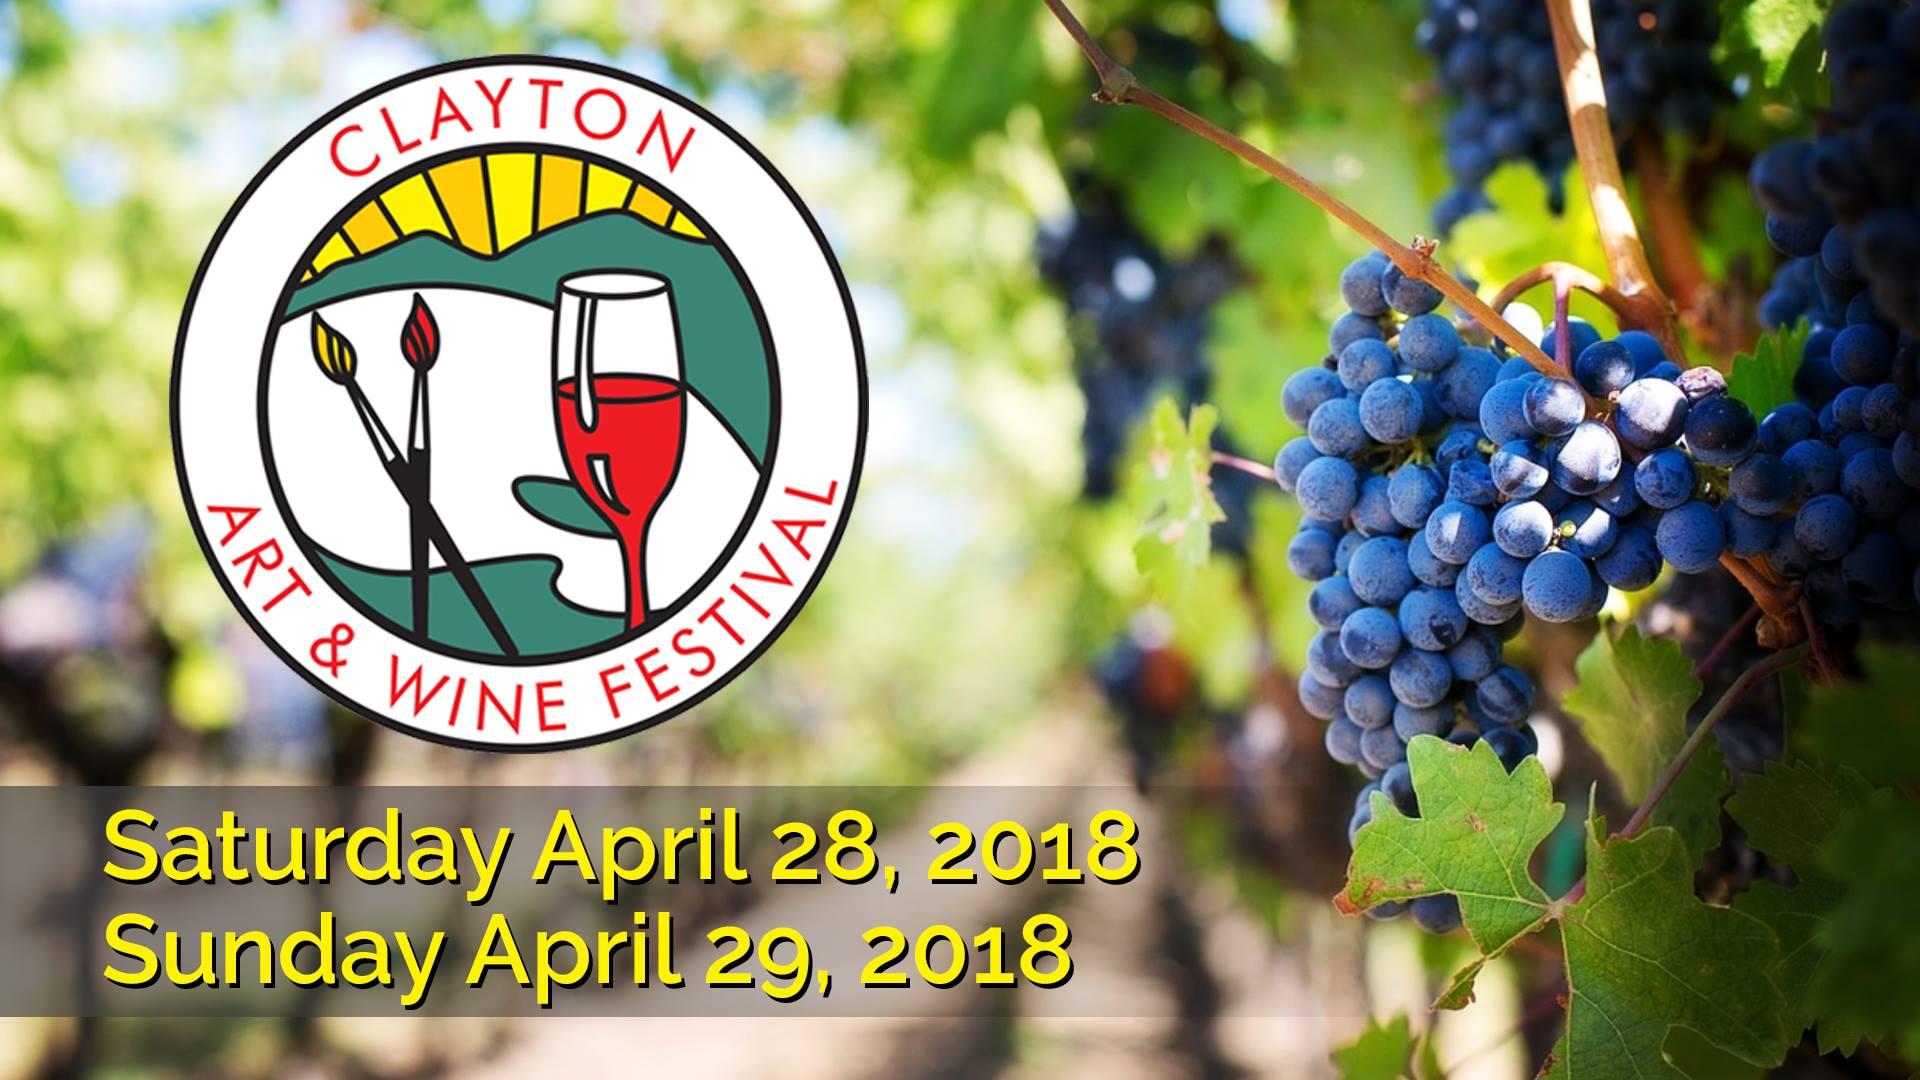 Clayton Art & Wine Festival picture